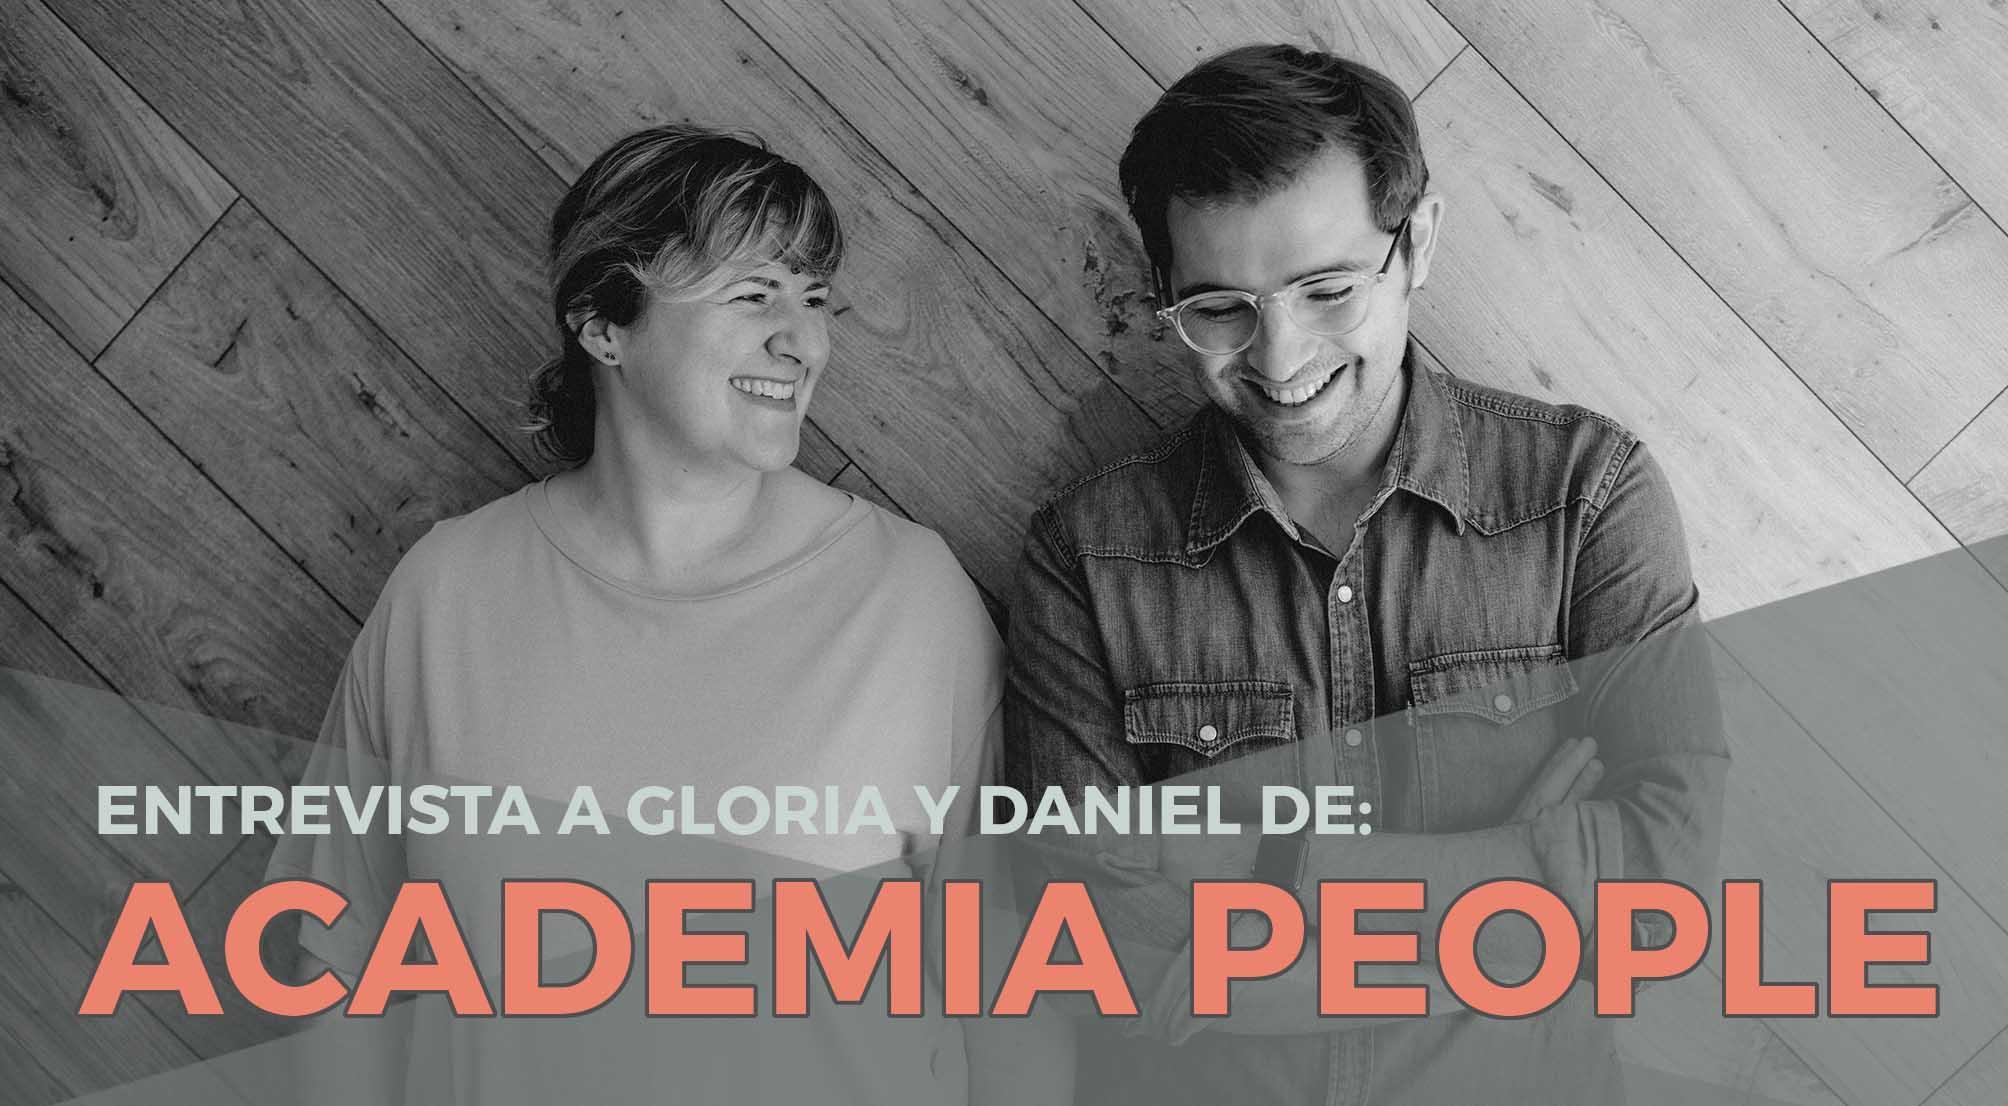 entrevista academia people